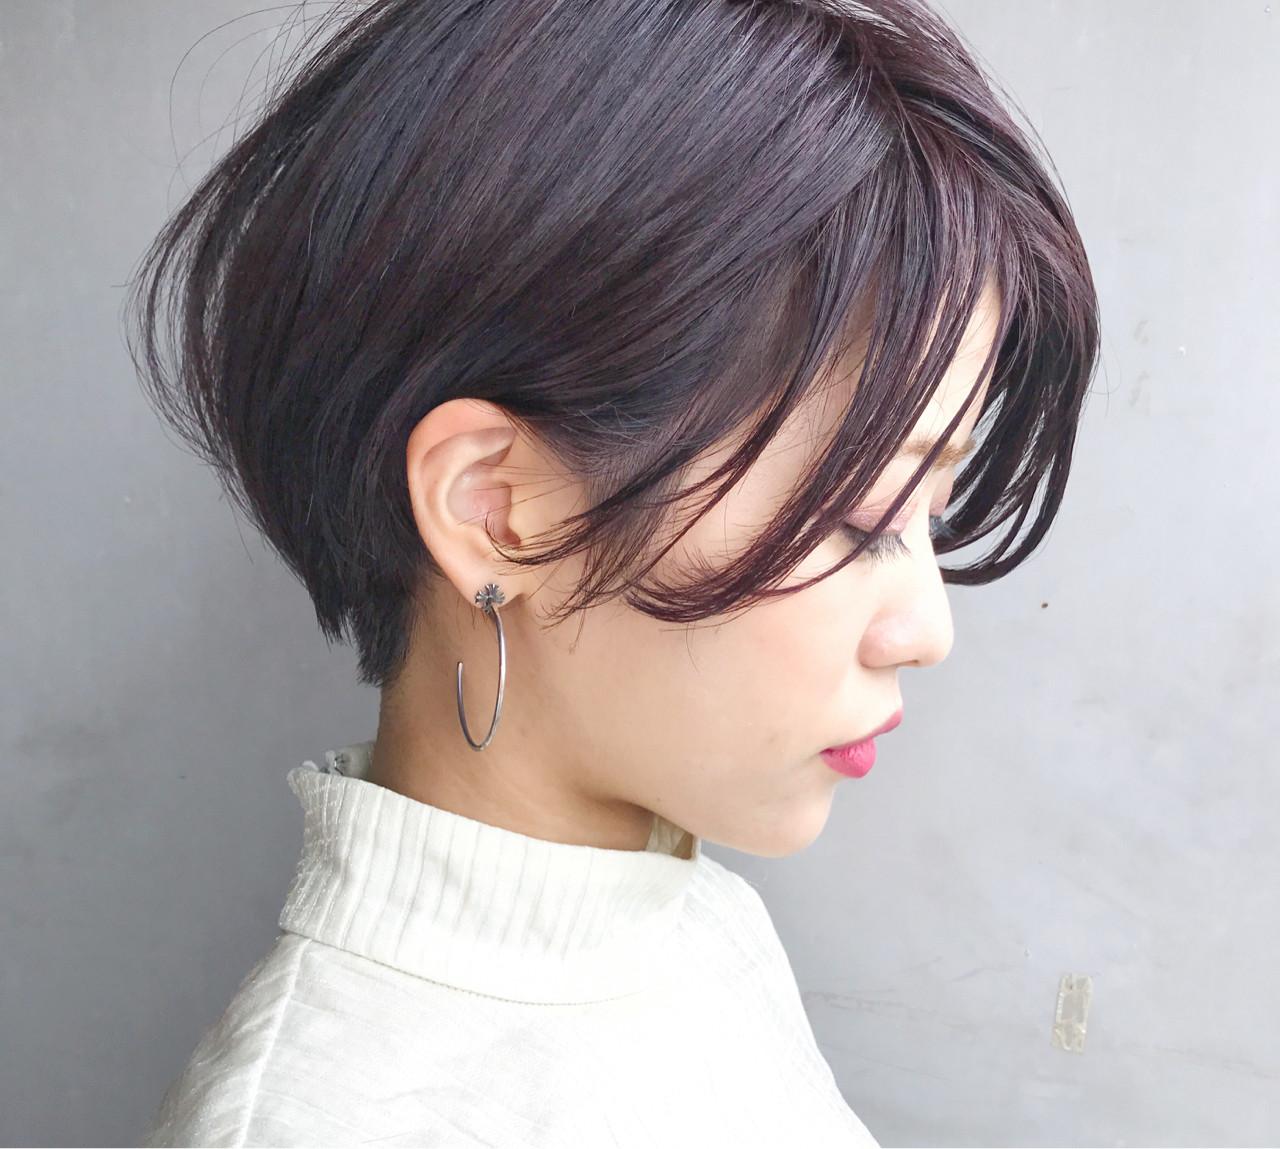 ミセス世代の髪型におすすめ!トレンドをしっかりおさえた大人仕様のスタイル 溝口優人